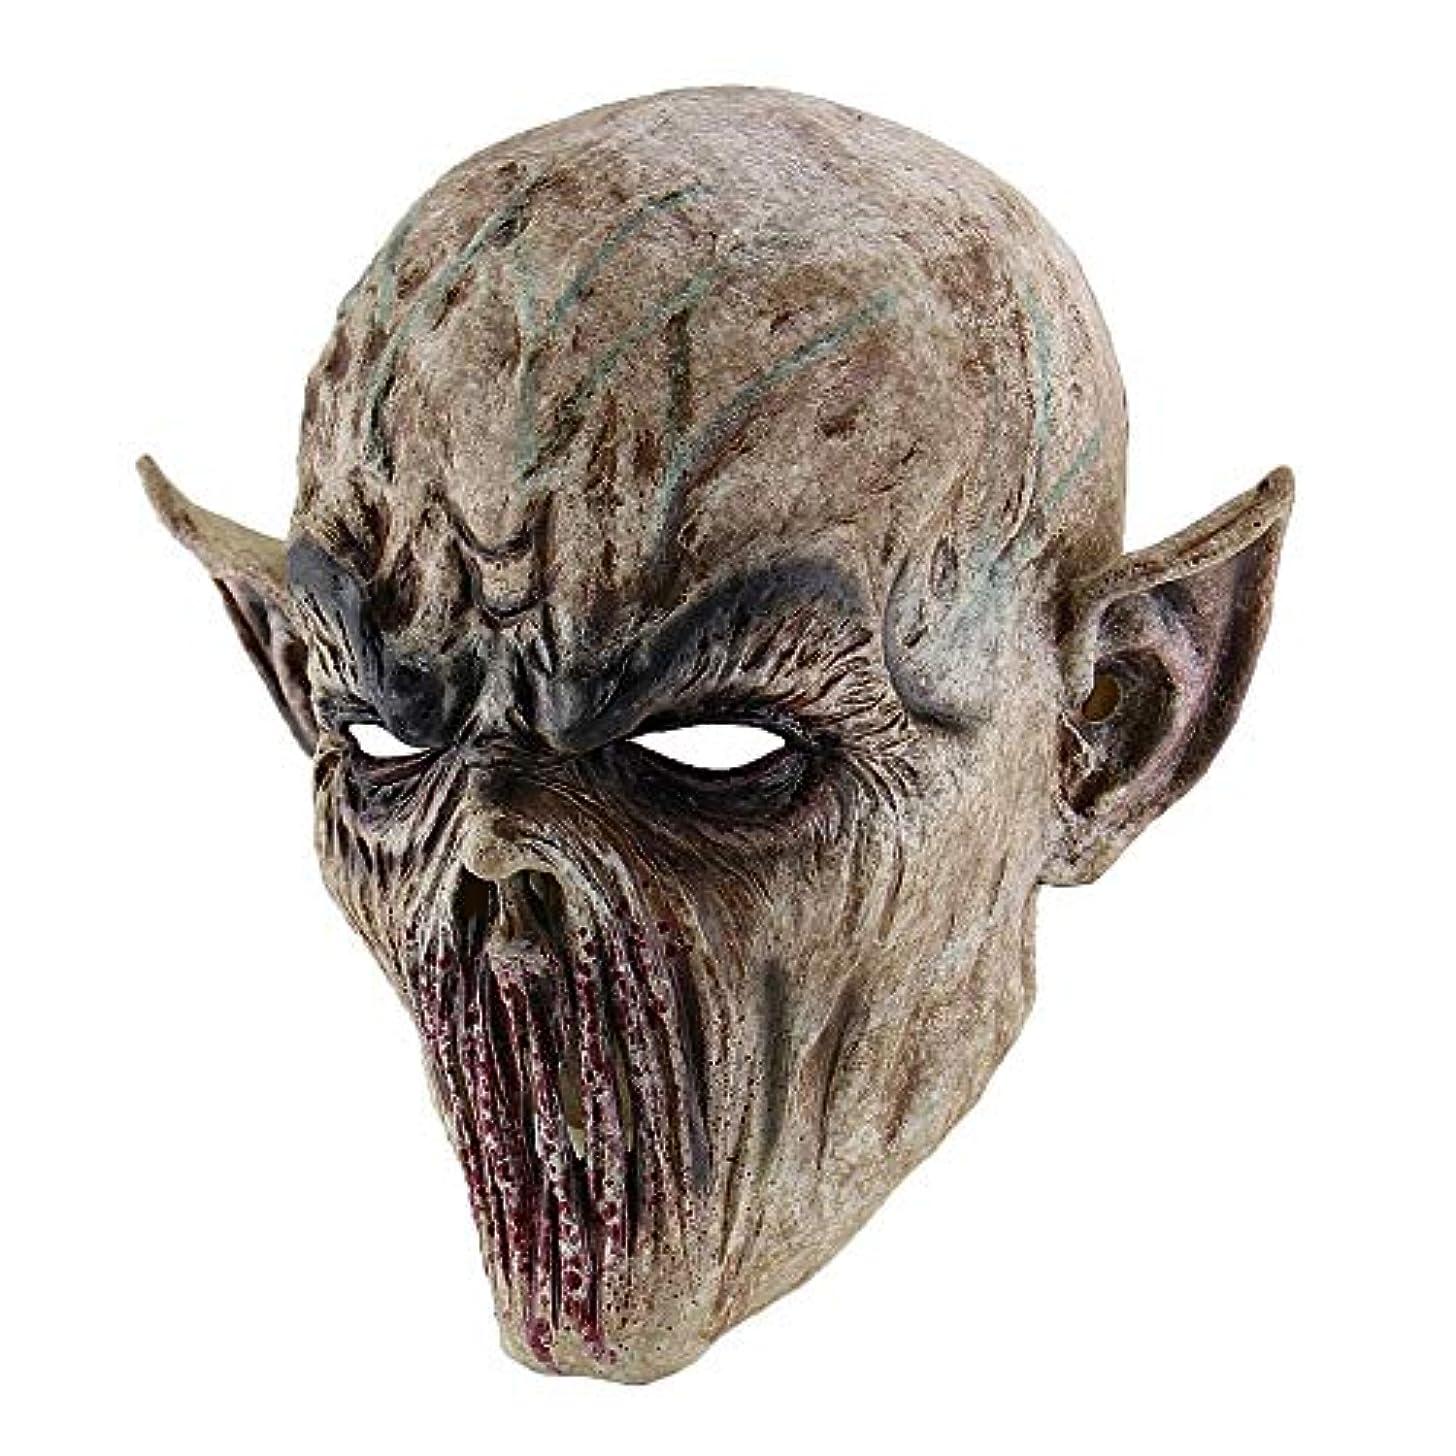 熱狂的なコーデリアばかげている不気味な怖いハロウィーン不気味なラテックスマスク、大人のパーティーコスプレ衣装、仮装衣装,Zombie